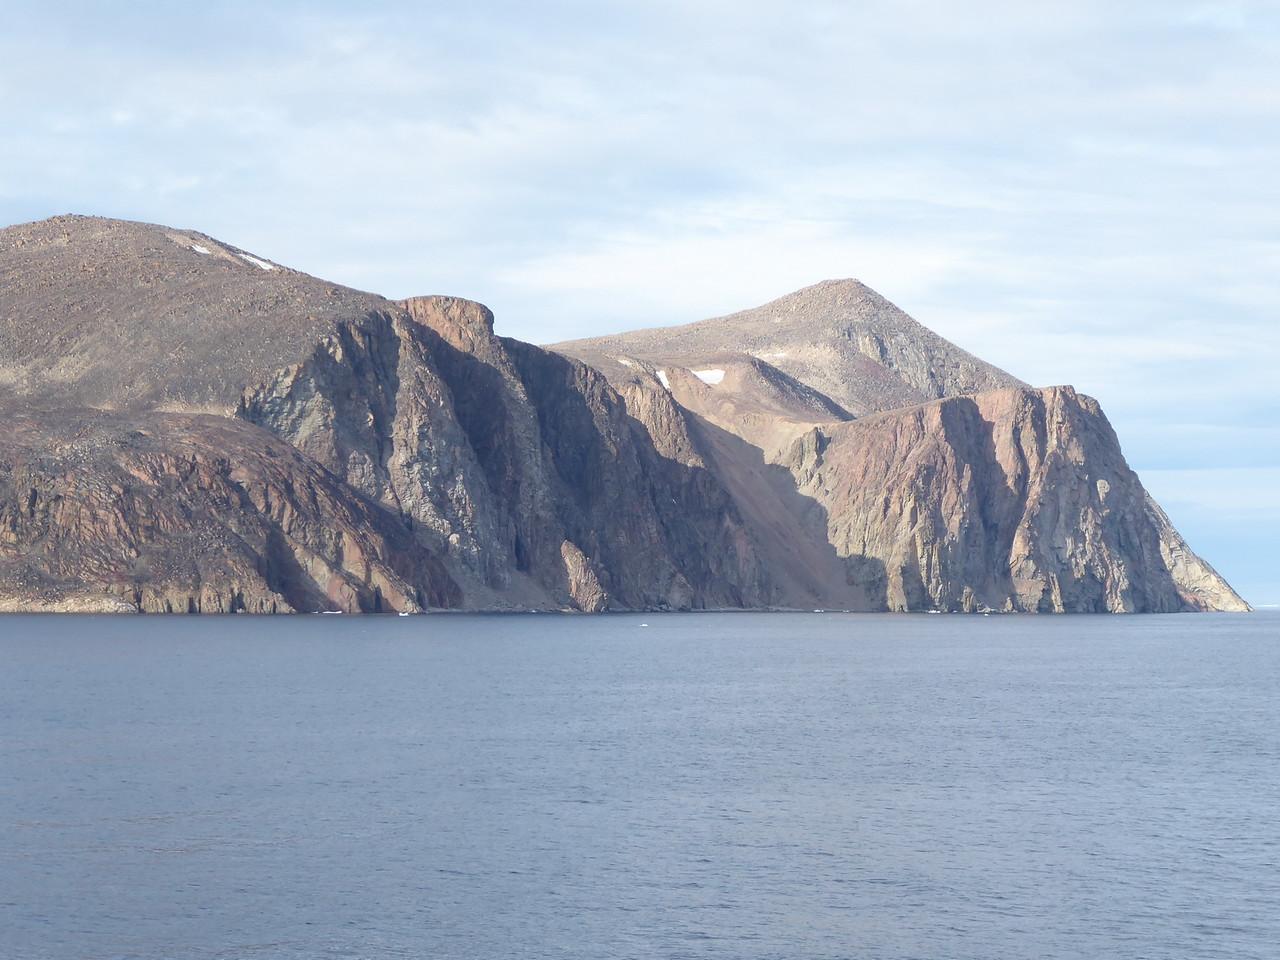 The bay near Qikiqtarjuaq.